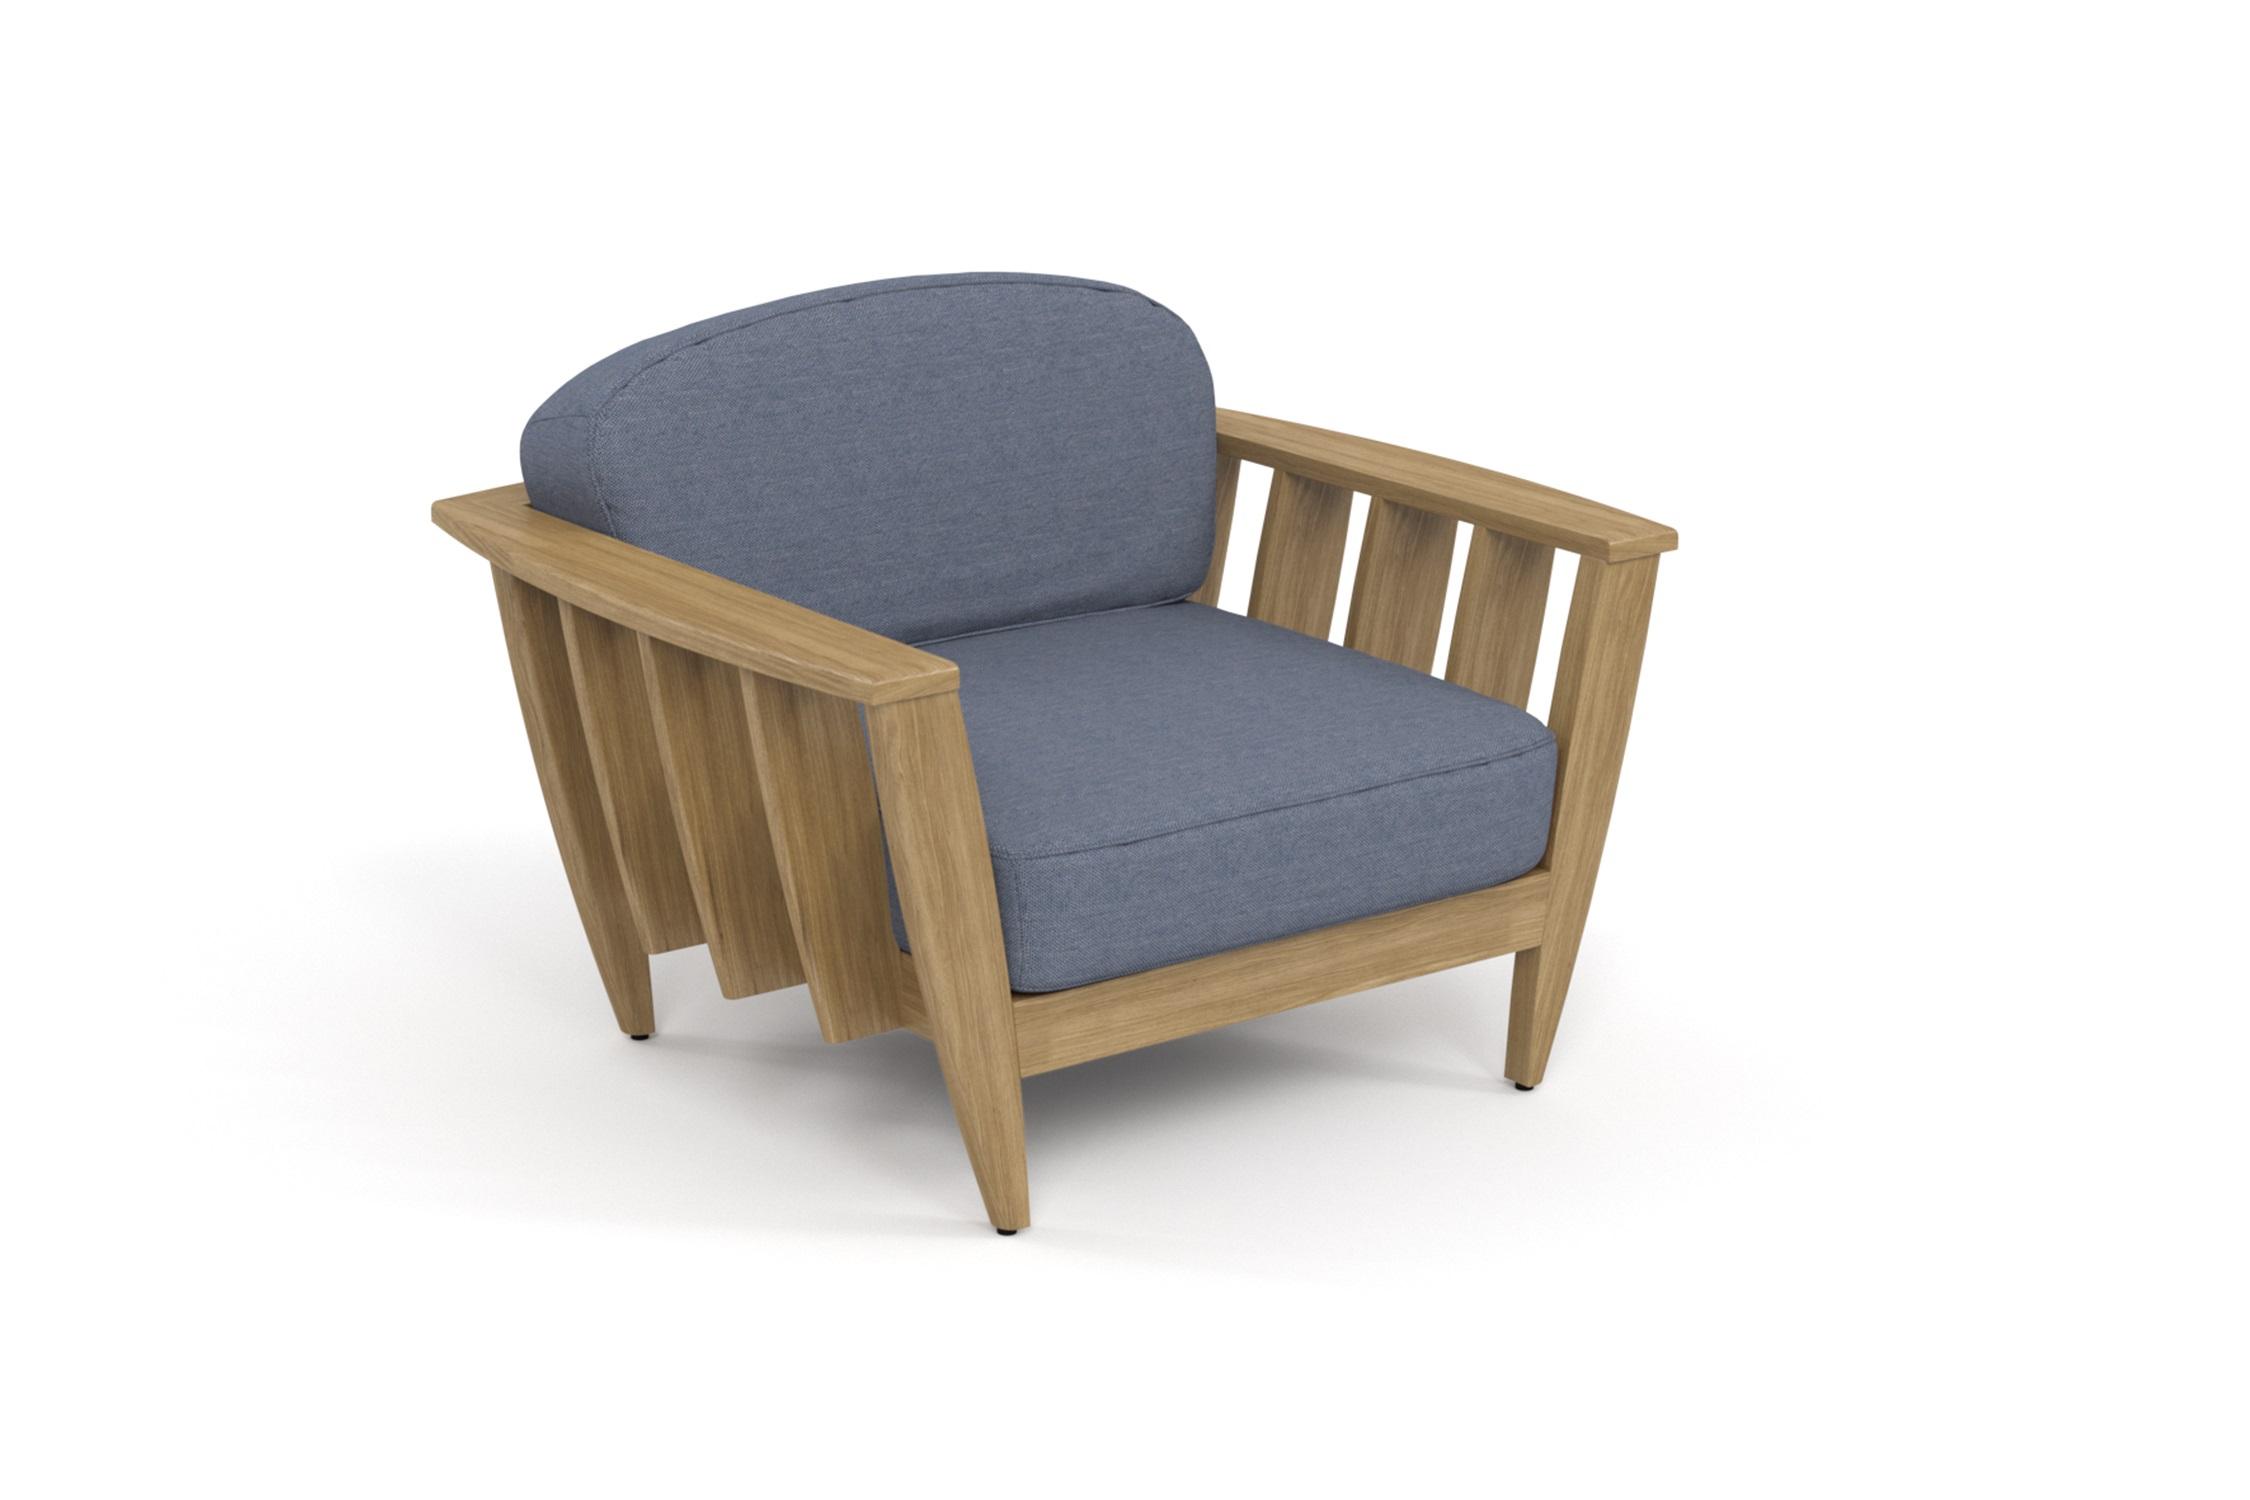 Кресло лаунж ReefКресла для сада<br>&amp;lt;div&amp;gt;Коллекция REEF - уникальный дизайн, сочетающий в себе надежность, теплоту дерева и продуманность форм. Мягкие удобные подушки, выполненные в контрастной цветовой гамме, сразу привлекают внимание к уютному уголку отдыха. Коллекция универсальна: предназначена для уединения отдыха в тенистой зелени сада, неспешных обедов во внутреннем дворике или досуга у воды.&amp;amp;nbsp;&amp;lt;/div&amp;gt;&amp;lt;div&amp;gt;Высота посадки:390мм.&amp;amp;nbsp;&amp;lt;/div&amp;gt;&amp;lt;div&amp;gt;&amp;lt;br&amp;gt;&amp;lt;/div&amp;gt;&amp;lt;div&amp;gt;Ироко – экзотическая золотисто-коричневатая/оливково-коричневая древесина с золотистым оттенком. Цвет ироко практически не меняется со временем, немного темнеет и приобретает теплый маслянистый оттенок. По физическим свойствам не уступает тику. Древесина африканского тика не подвержена гниению и воздействию термитов, не требует дополнительной антибактериальной обработки. Мебель из ироко допускает круглогодичную эксплуатацию на открытом воздухе, выдерживает перепады температур от –30 до +30С. Срок службы более 20 лет.&amp;amp;nbsp;&amp;lt;/div&amp;gt;&amp;lt;div&amp;gt;&amp;lt;br&amp;gt;&amp;lt;/div&amp;gt;&amp;lt;div&amp;gt;Sunbrella® – акриловая ткань с водоотталкивающими свойствами от мирового лидера в производстве тканей для яхт.&amp;amp;nbsp;&amp;lt;/div&amp;gt;&amp;lt;div&amp;gt;Вся фурнитура изготовлена из нержавеющей стали на собственном производстве.&amp;amp;nbsp;&amp;lt;/div&amp;gt;&amp;lt;div&amp;gt;&amp;lt;br&amp;gt;&amp;lt;/div&amp;gt;<br><br>&amp;lt;iframe width=&amp;quot;530&amp;quot; height=&amp;quot;300&amp;quot; src=&amp;quot;https://www.youtube.com/embed/uL9Kujh07kc&amp;quot; frameborder=&amp;quot;0&amp;quot; allowfullscreen=&amp;quot;&amp;quot;&amp;gt;&amp;lt;/iframe&amp;gt;<br><br>Material: Ироко<br>Ширина см: 111.0<br>Высота см: 77.0<br>Глубина см: 95